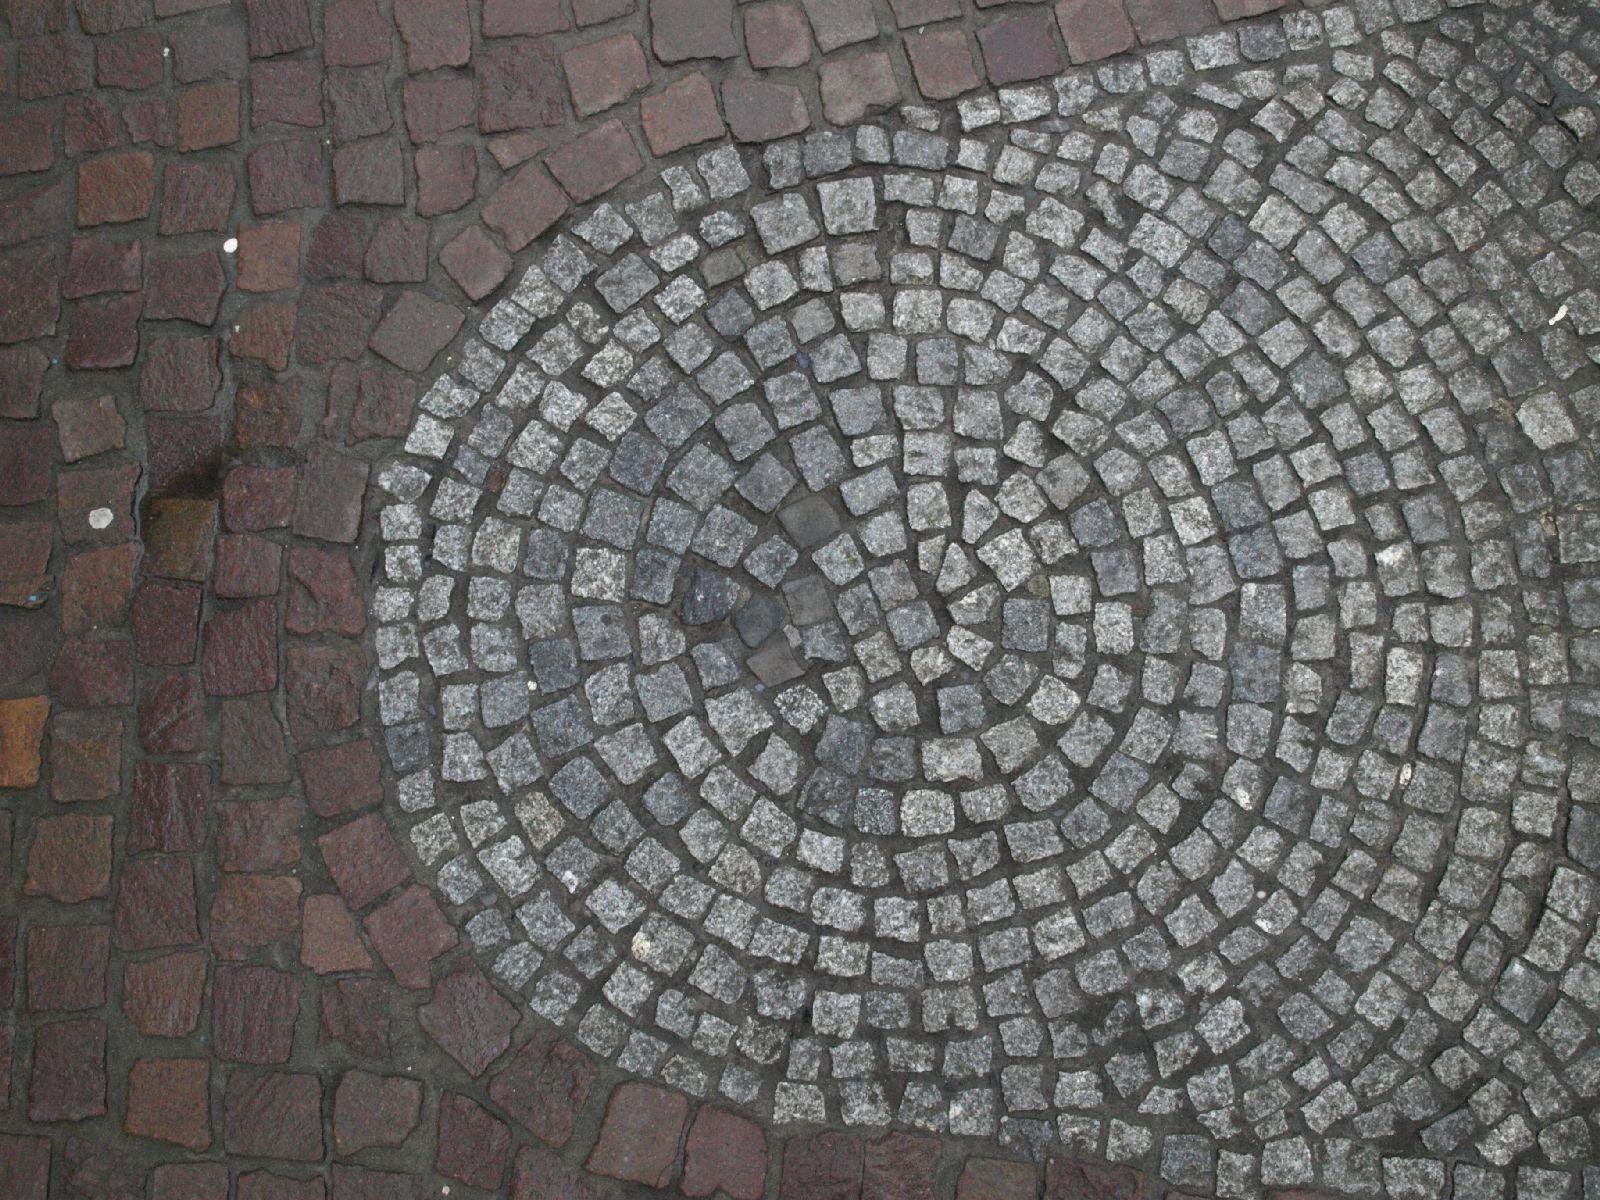 Ground-Urban_Texture_A_P2280929